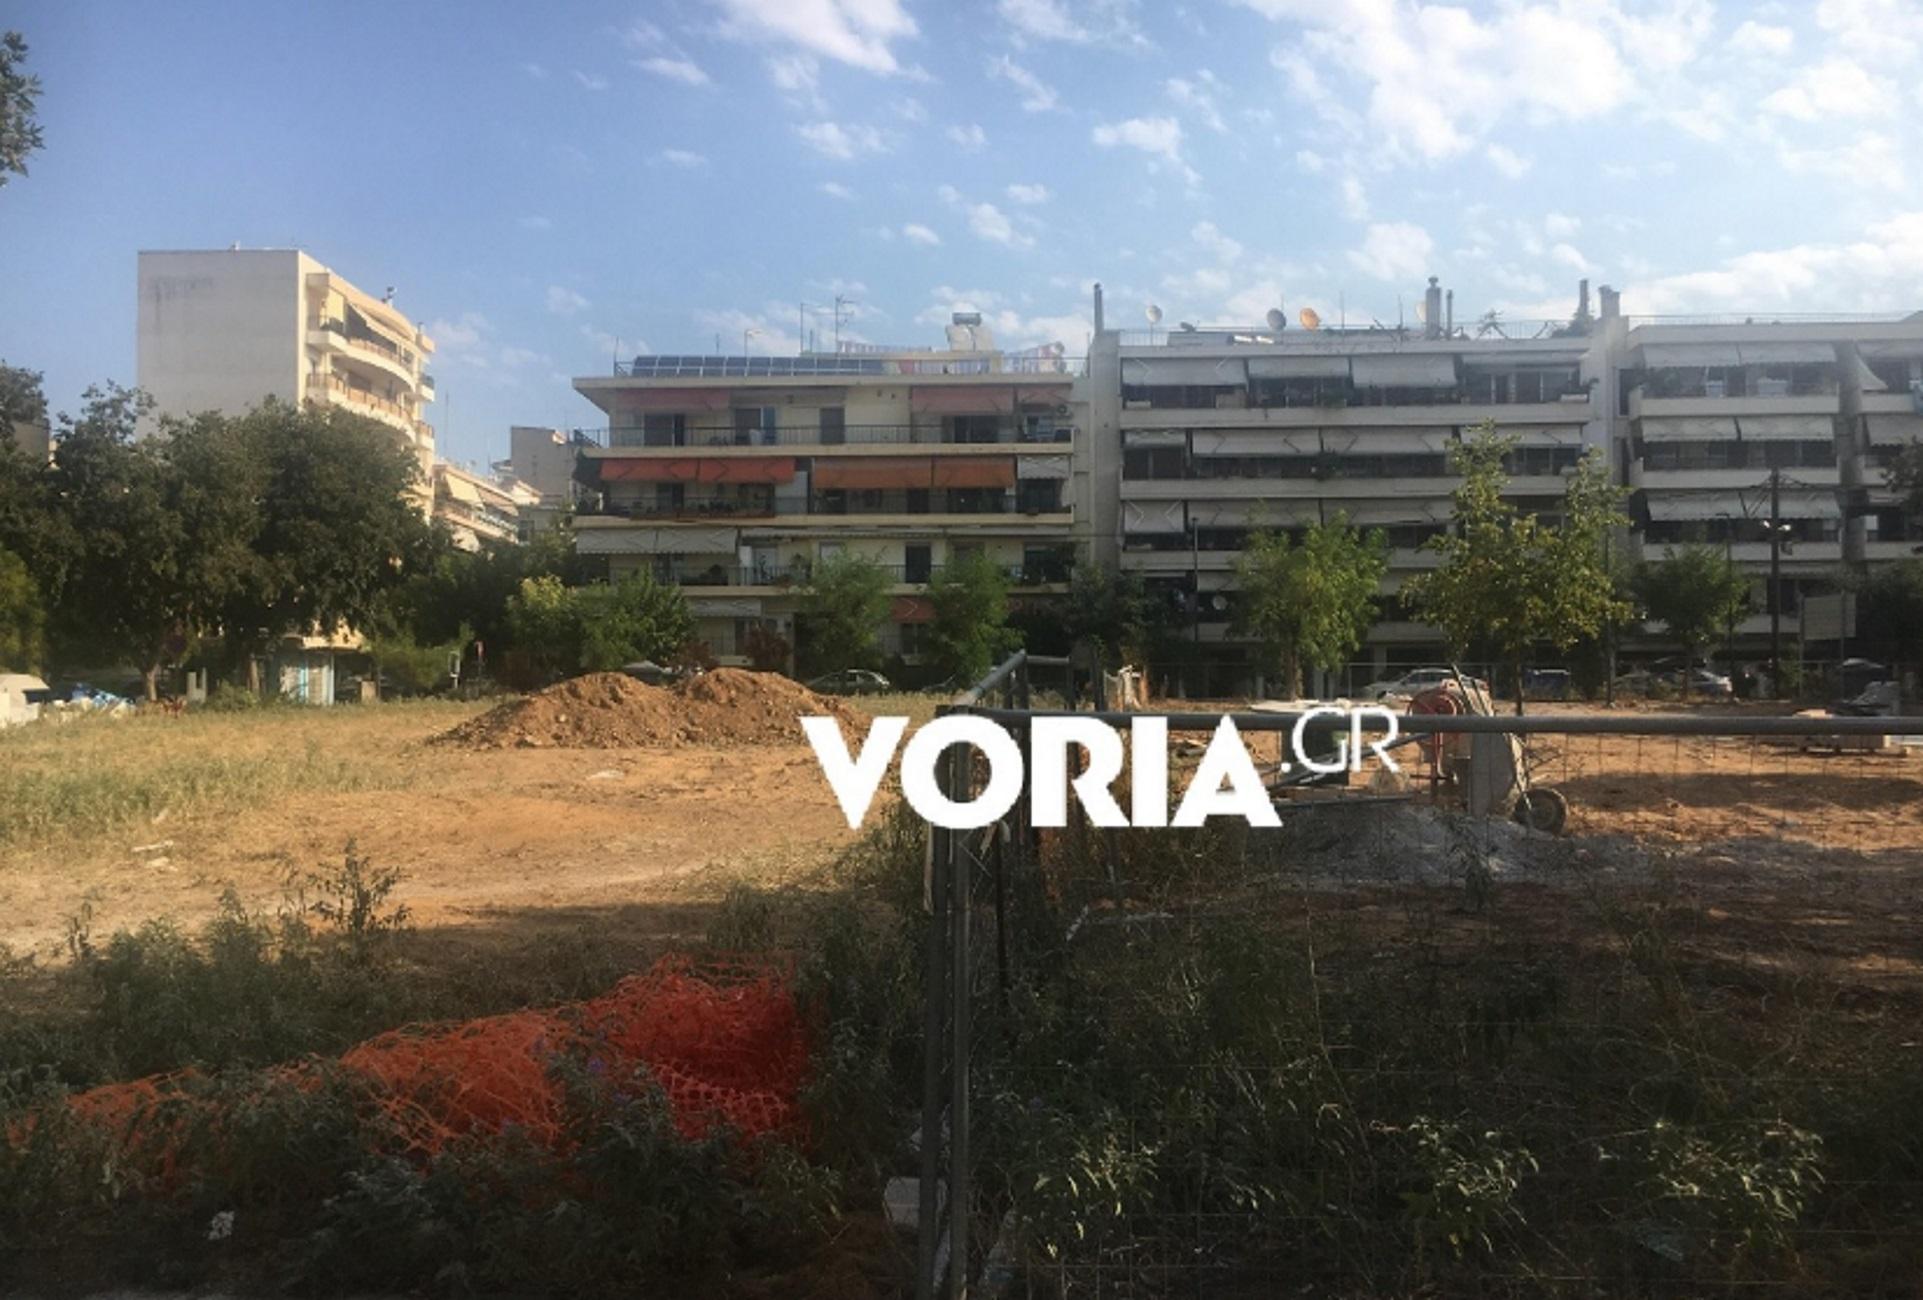 Θεσσαλονίκη: Ο απίστευτος λόγος που γίνεται ανάπλαση στη μισή πλατεία! Απίθανα πράγματα στην Πυλαία (Φωτό)